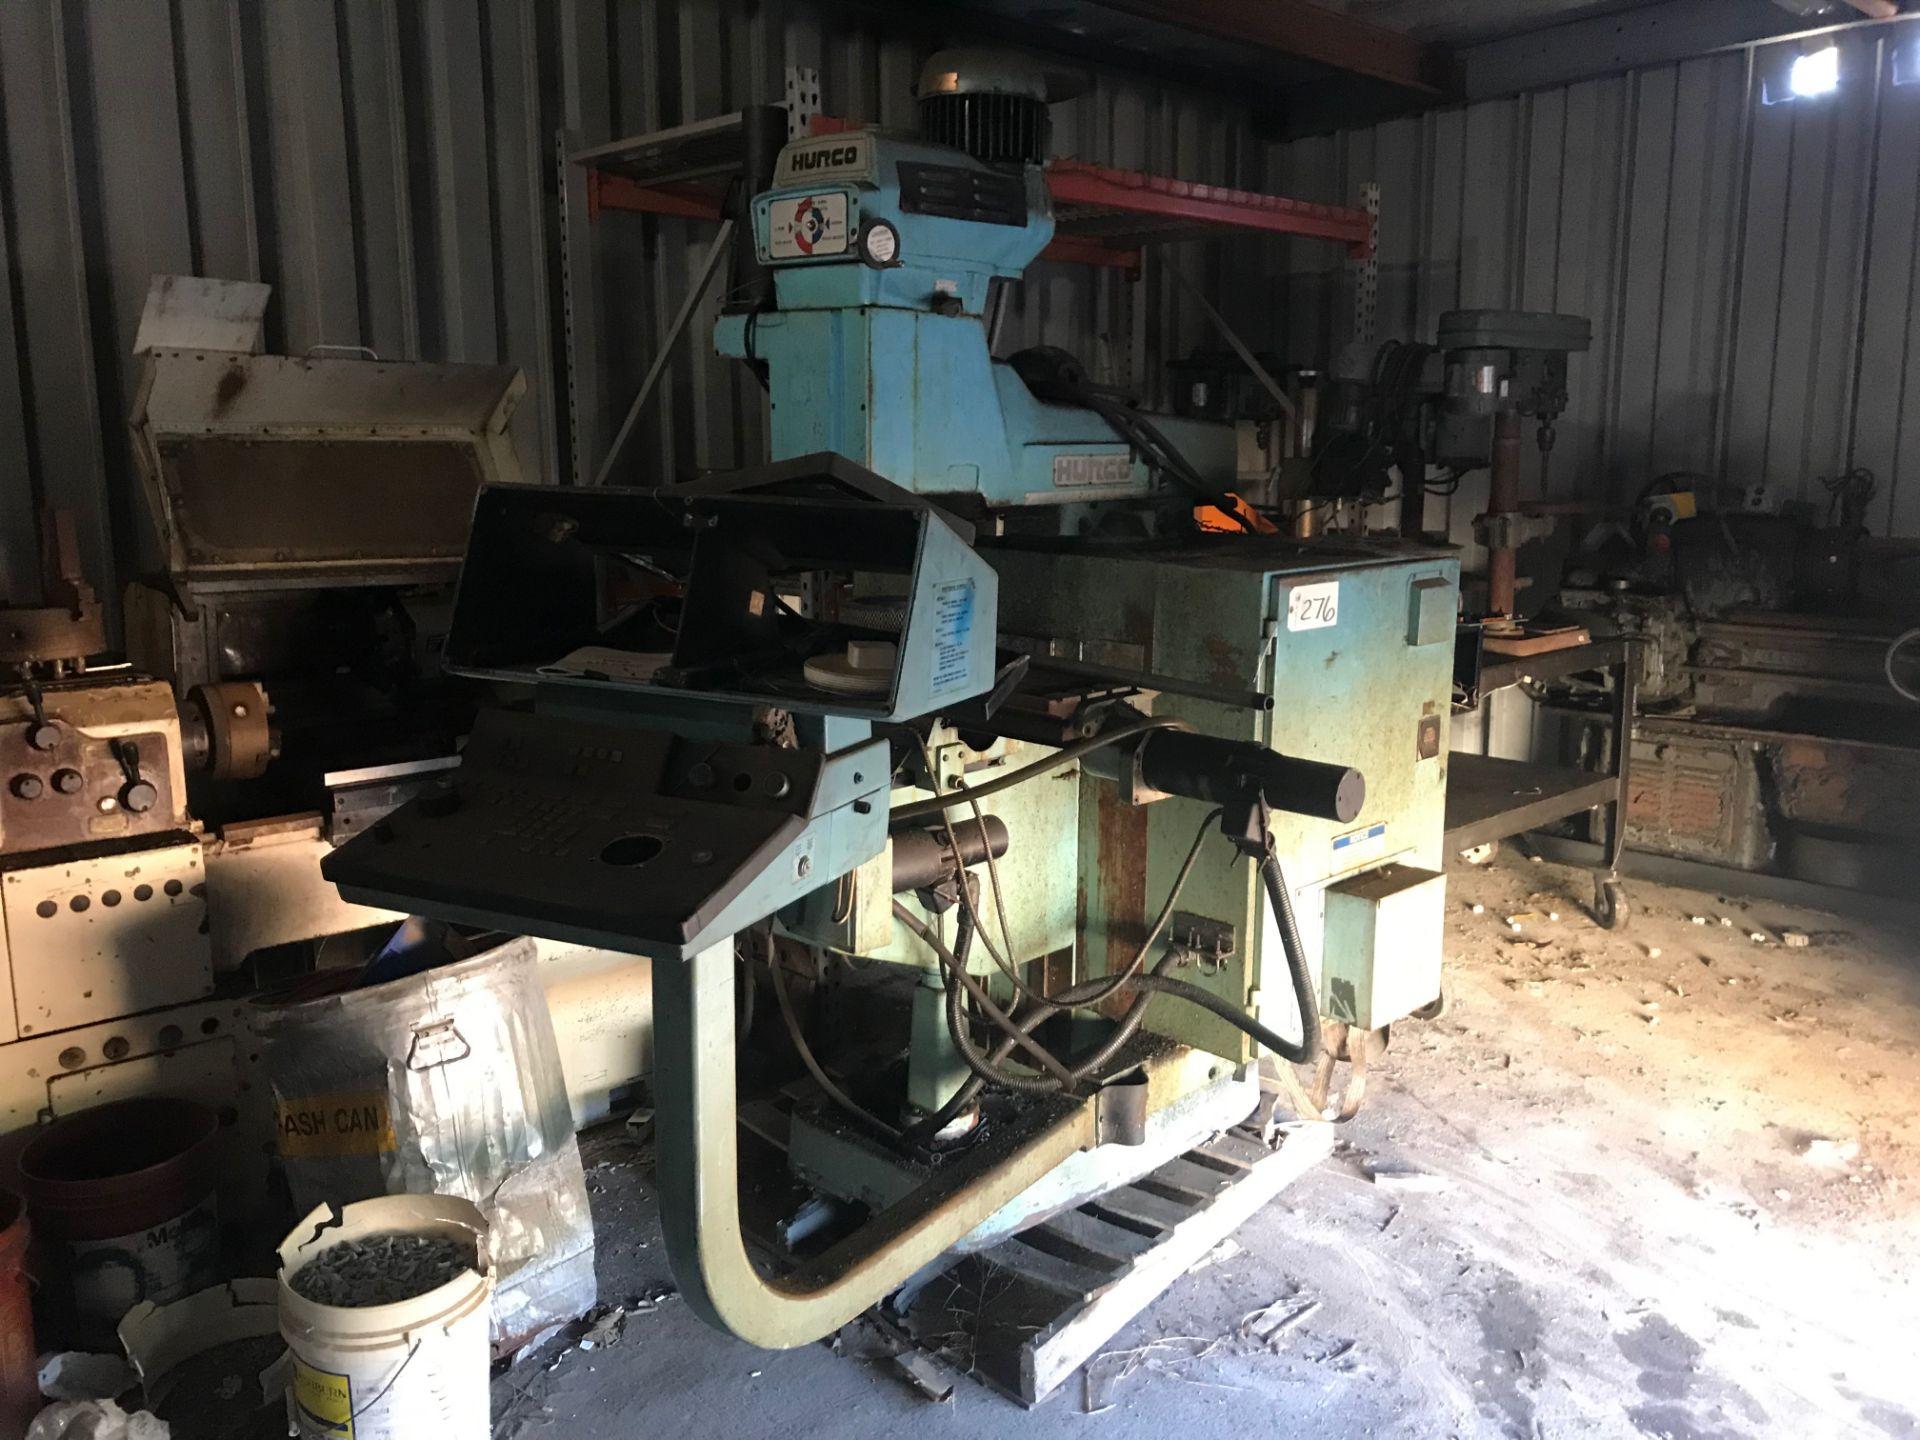 Lot 276 - Hurco Milling Machine (under repair in shed)